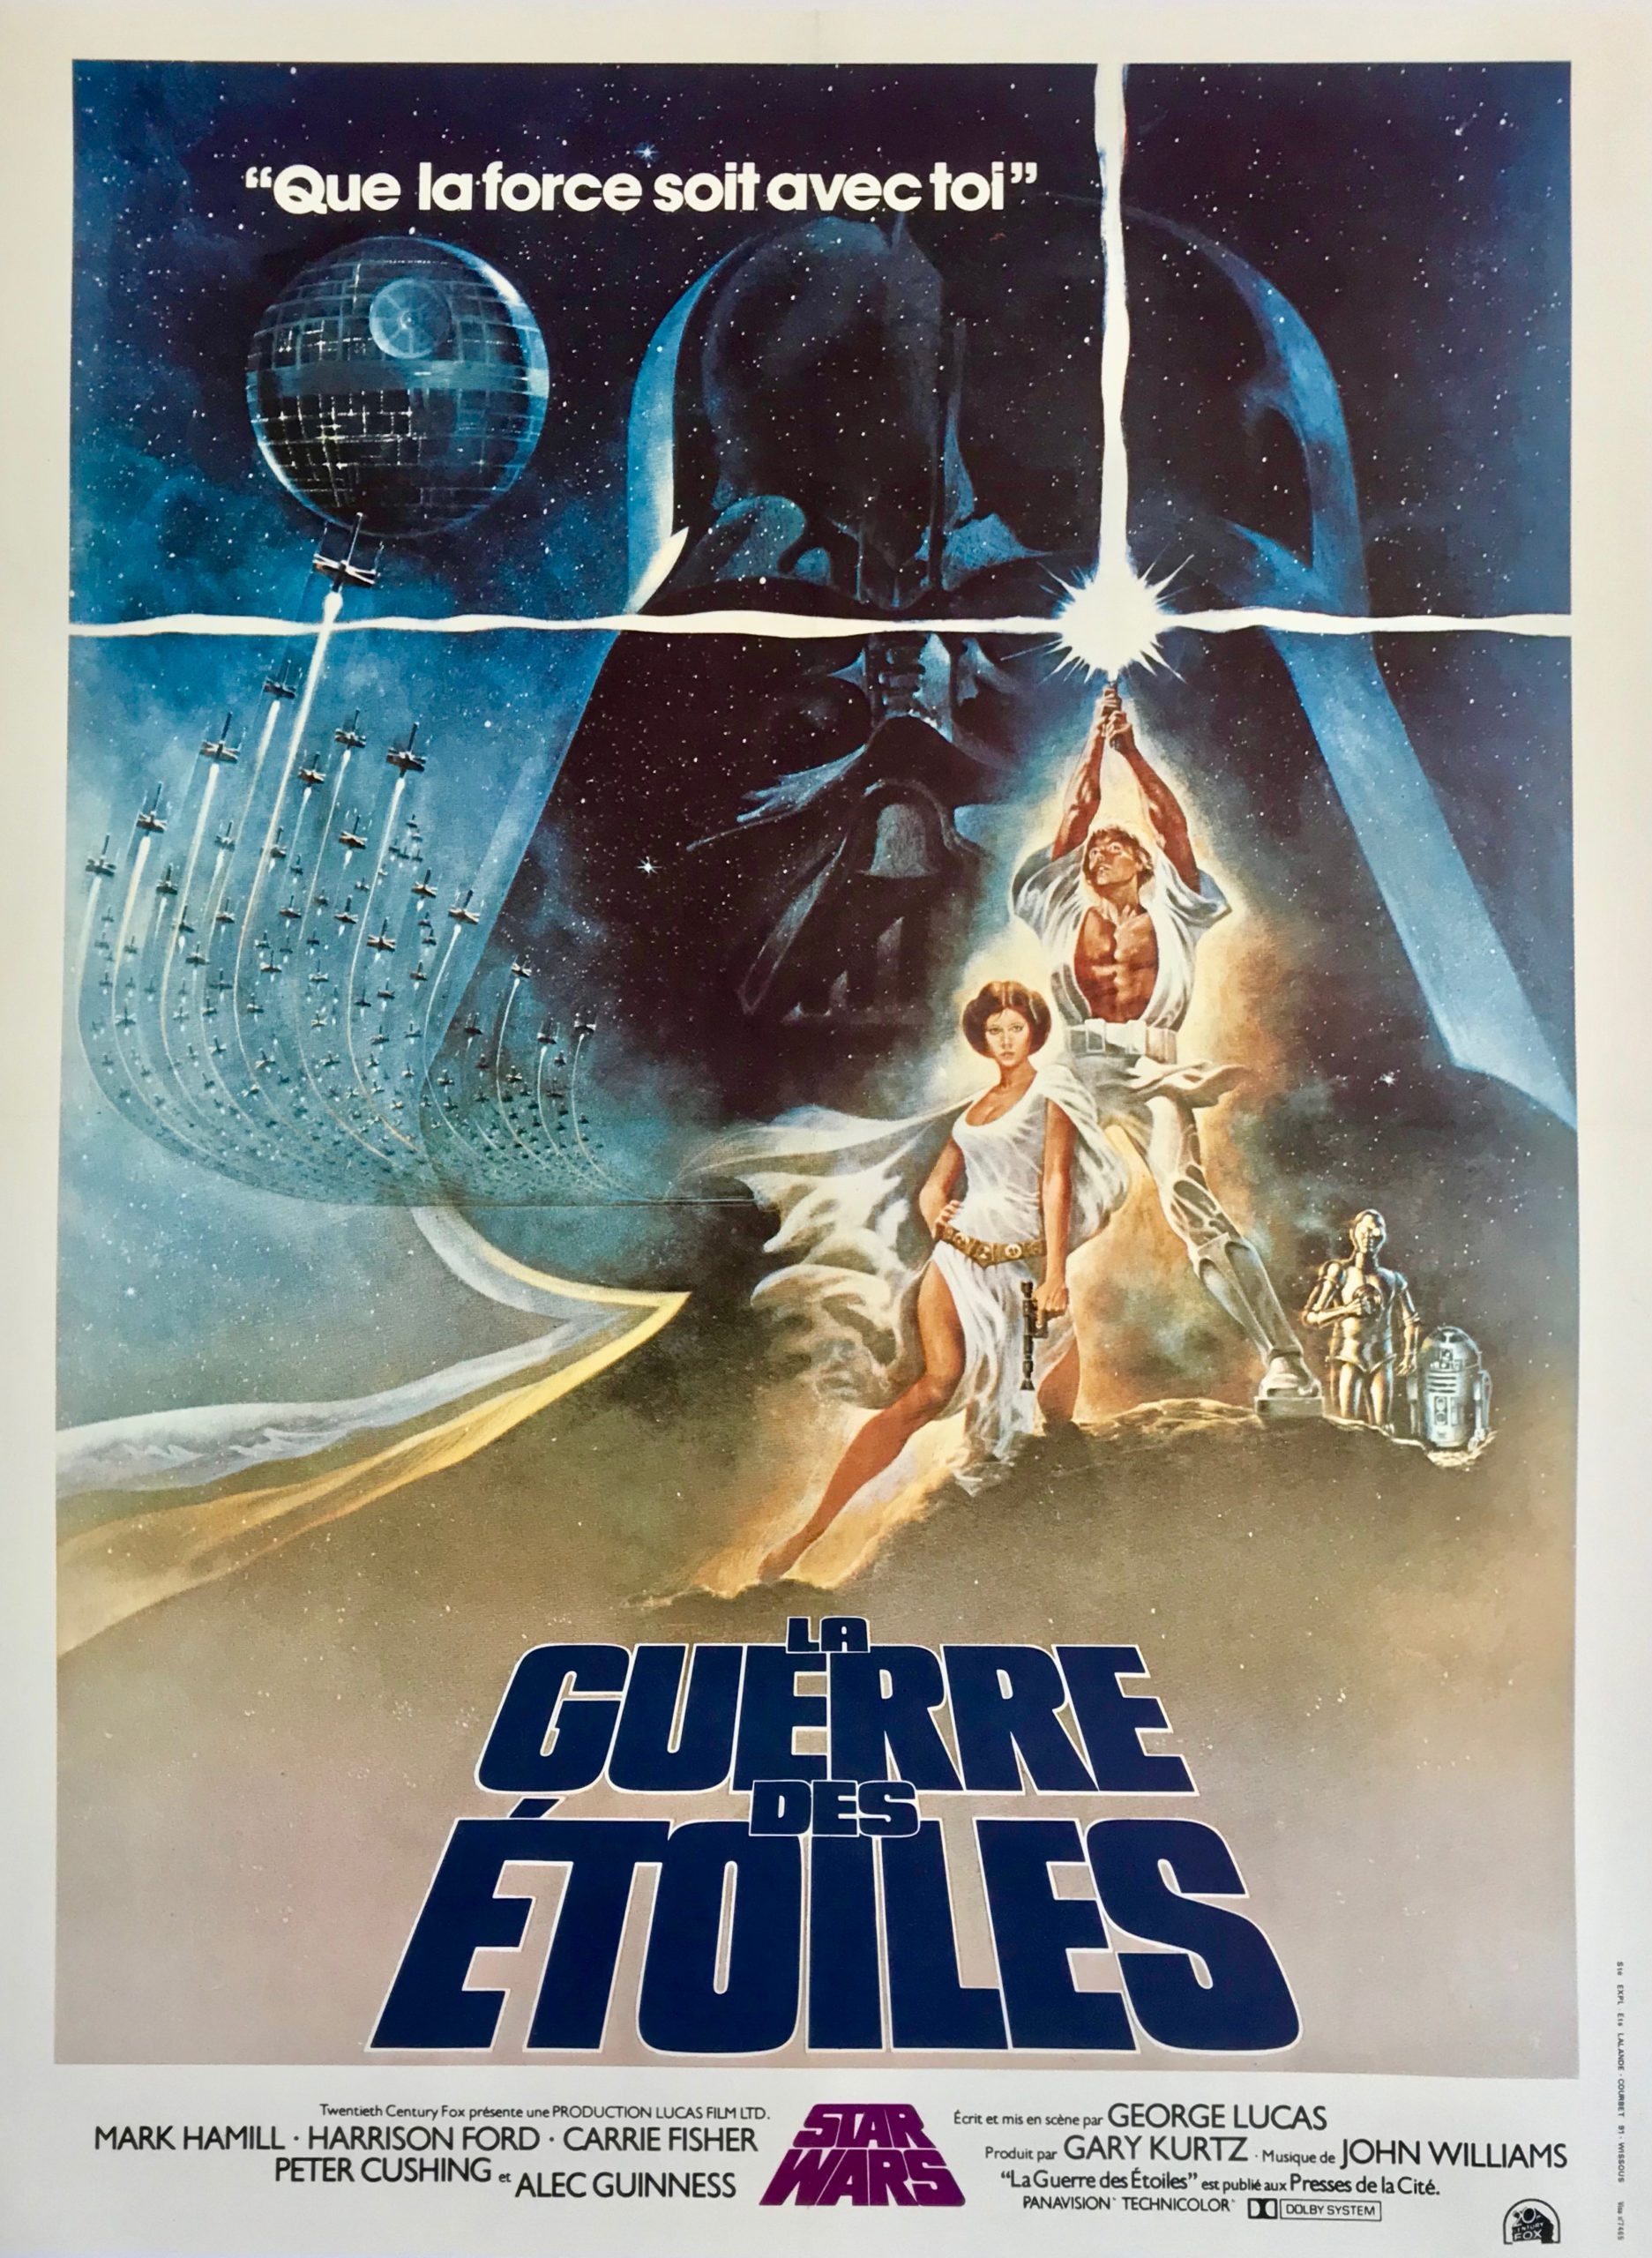 Les Foulées Mélomanes du Violoncelliste-Star Wars-Affiche-ParisBazaar-Berlingen